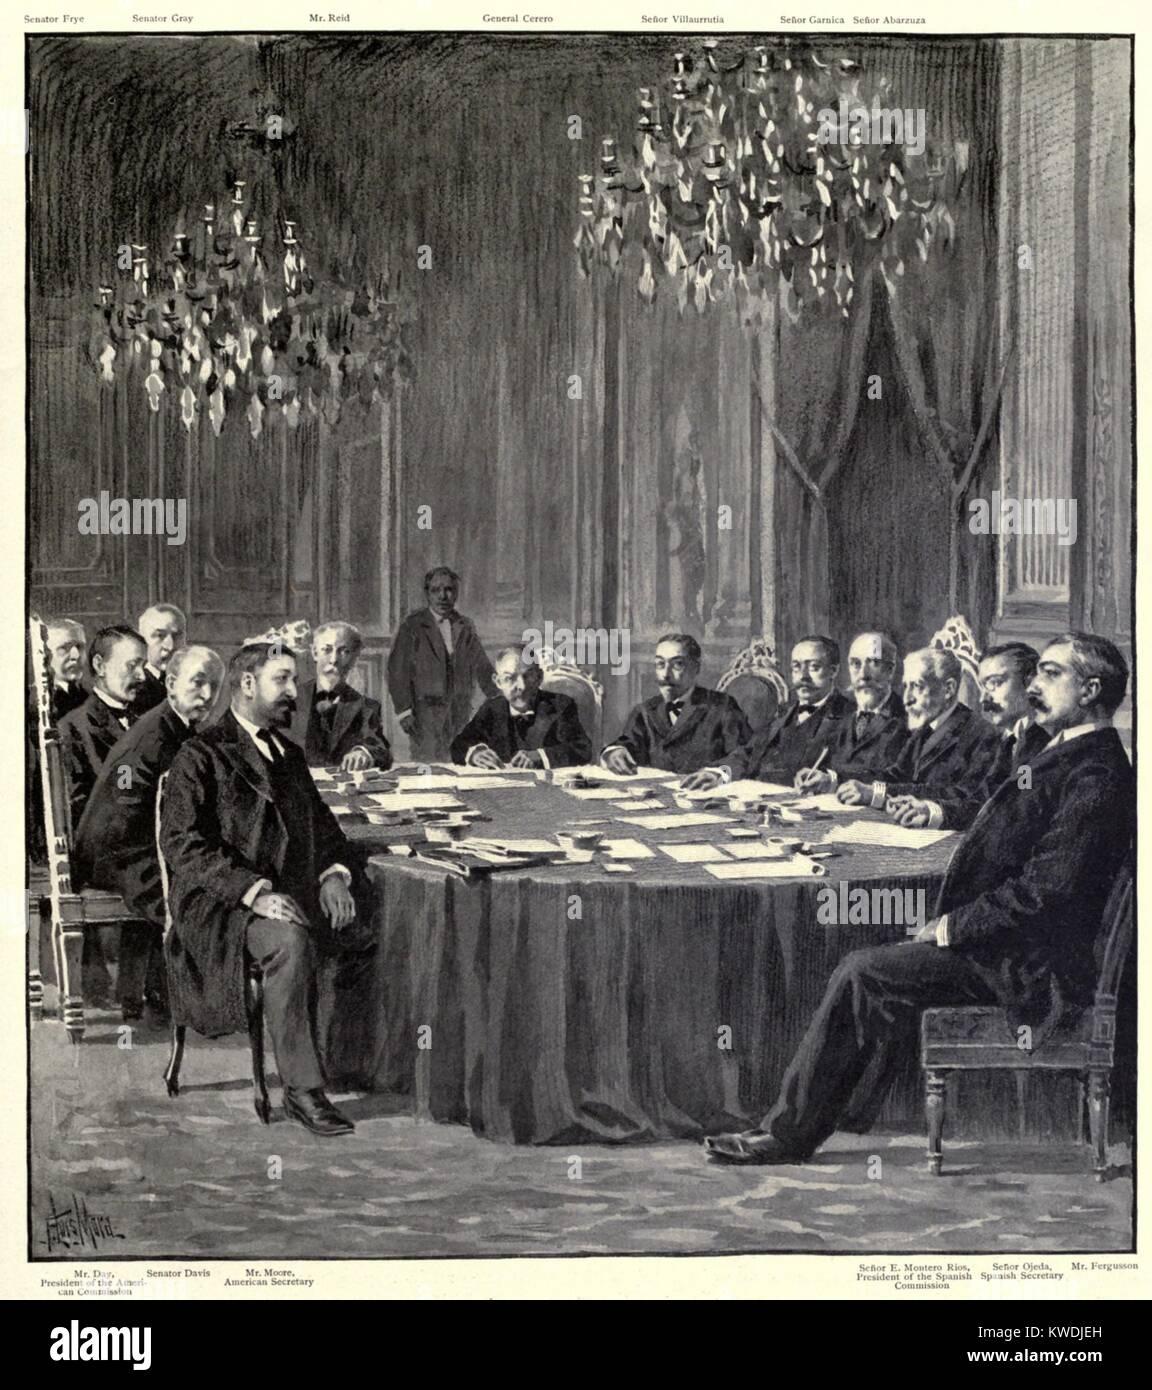 Frieden Kommissare nach Abschluss der Vertrag von Paris, der spanisch-amerikanische Krieg zu stoppen. Dez. 10, 1898. Stockbild